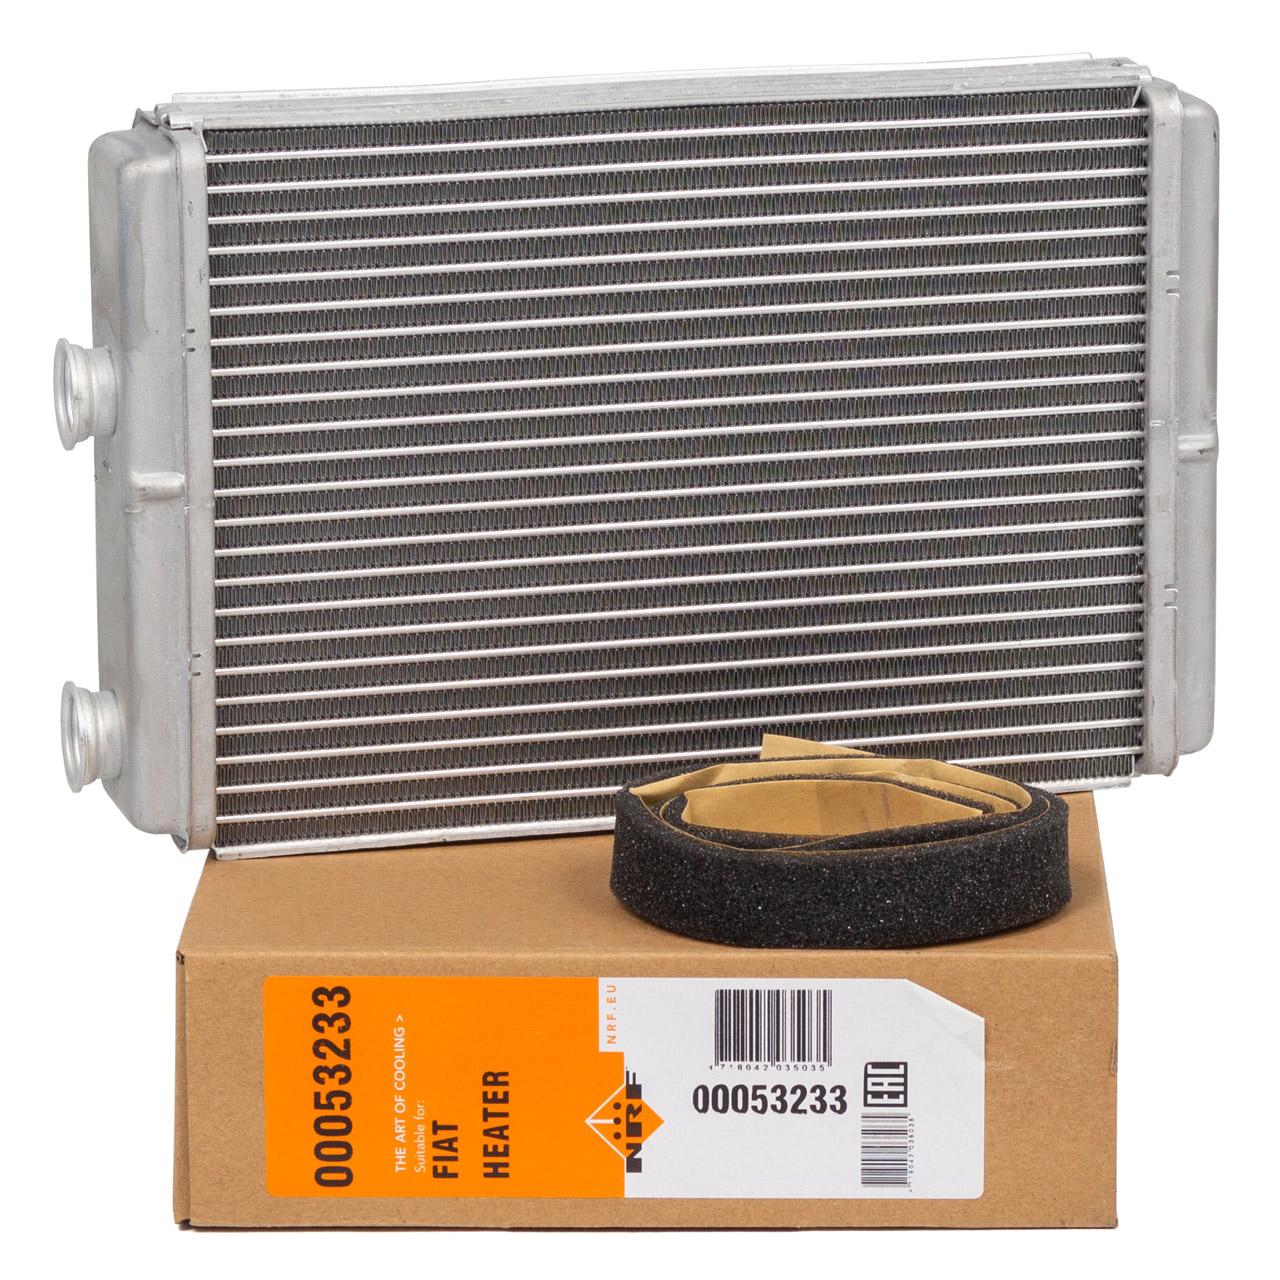 NRF 53233 Wärmetauscher Innenraumheizung für FIAT Doblo 119 Idea 350 Punto 188 46722928